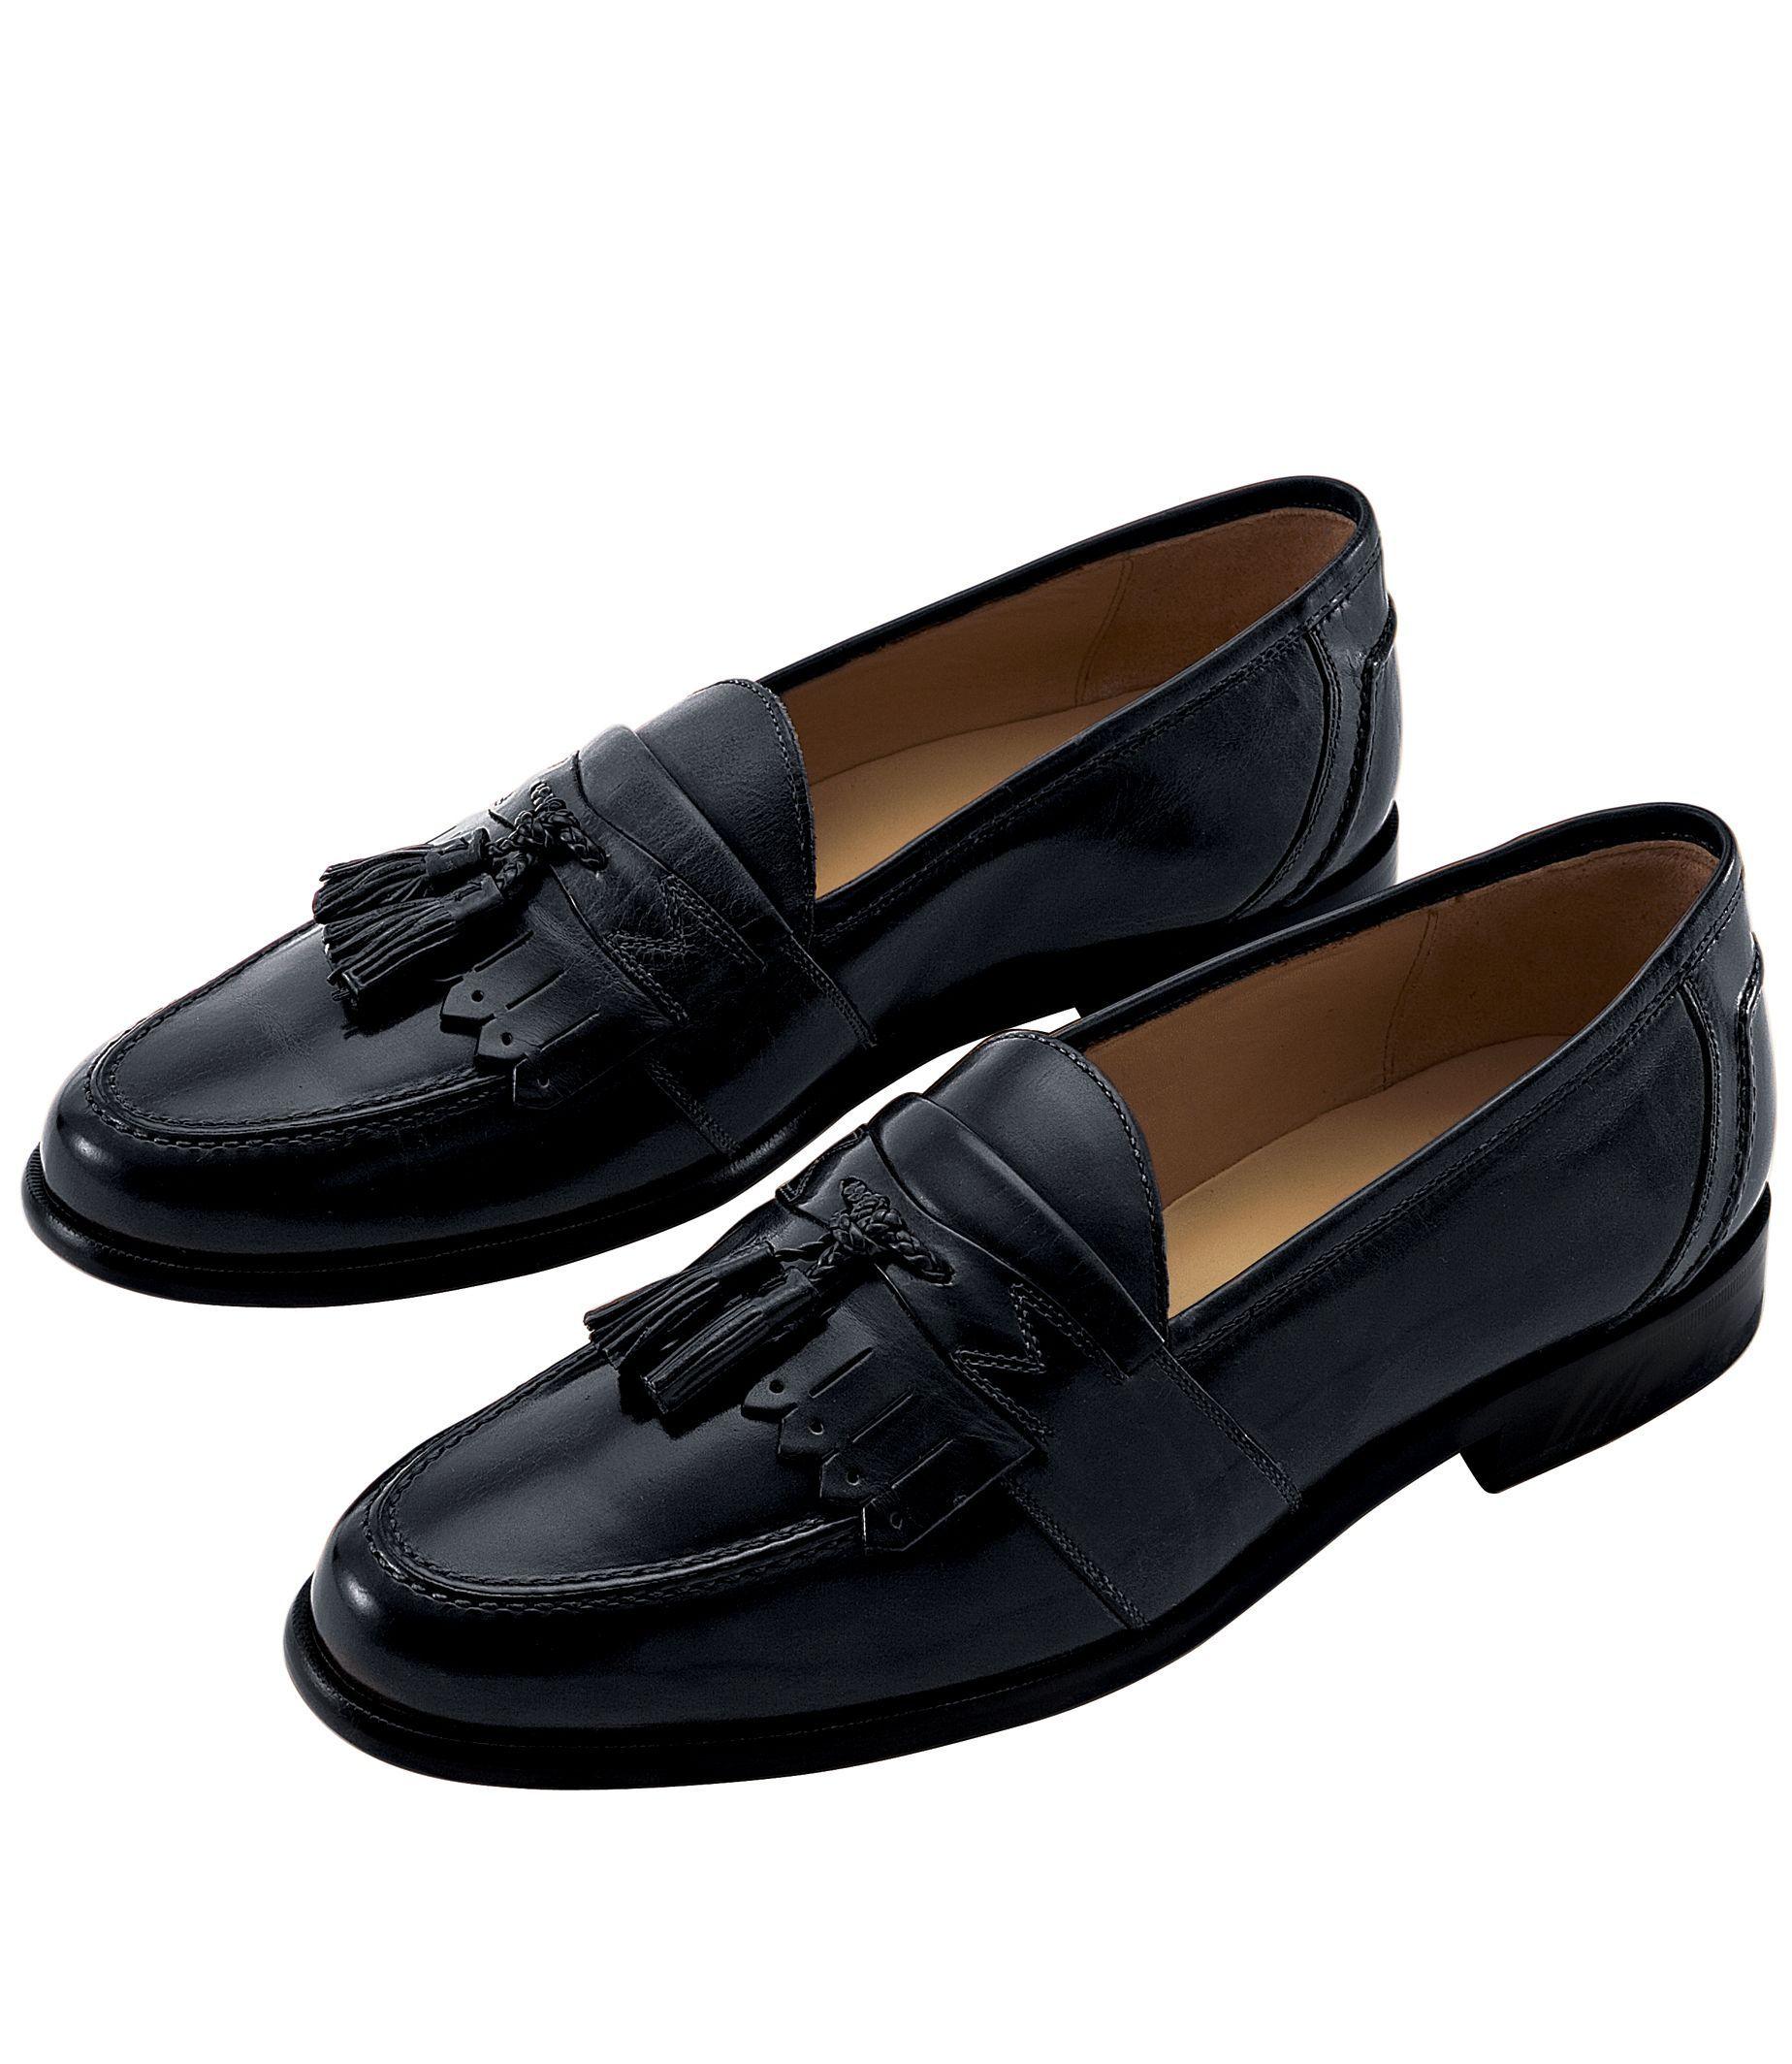 74a74b175fe Emery Kiltie Tassel Shoe by Johnston   Finding The Right Footwear ...